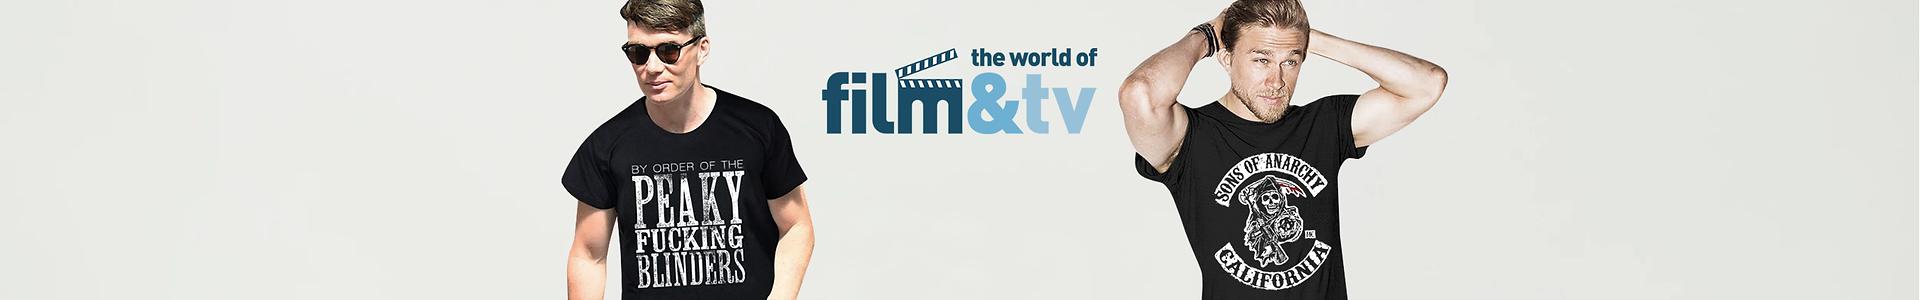 Camisetas cine y television